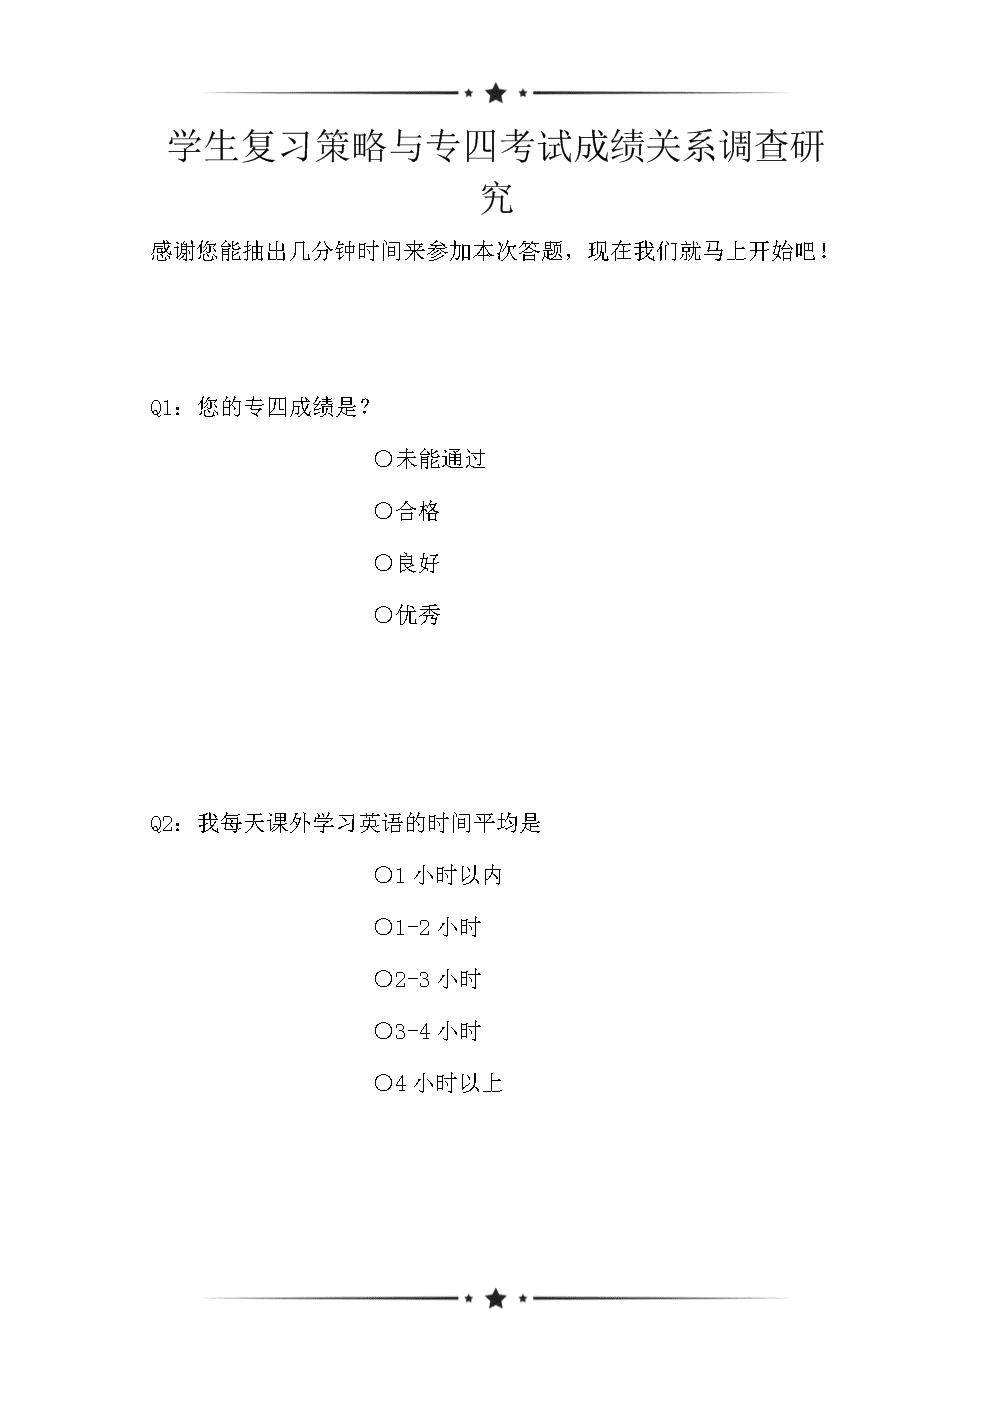 学生复习策略与专四考试成绩关系调查研究(可编辑).doc